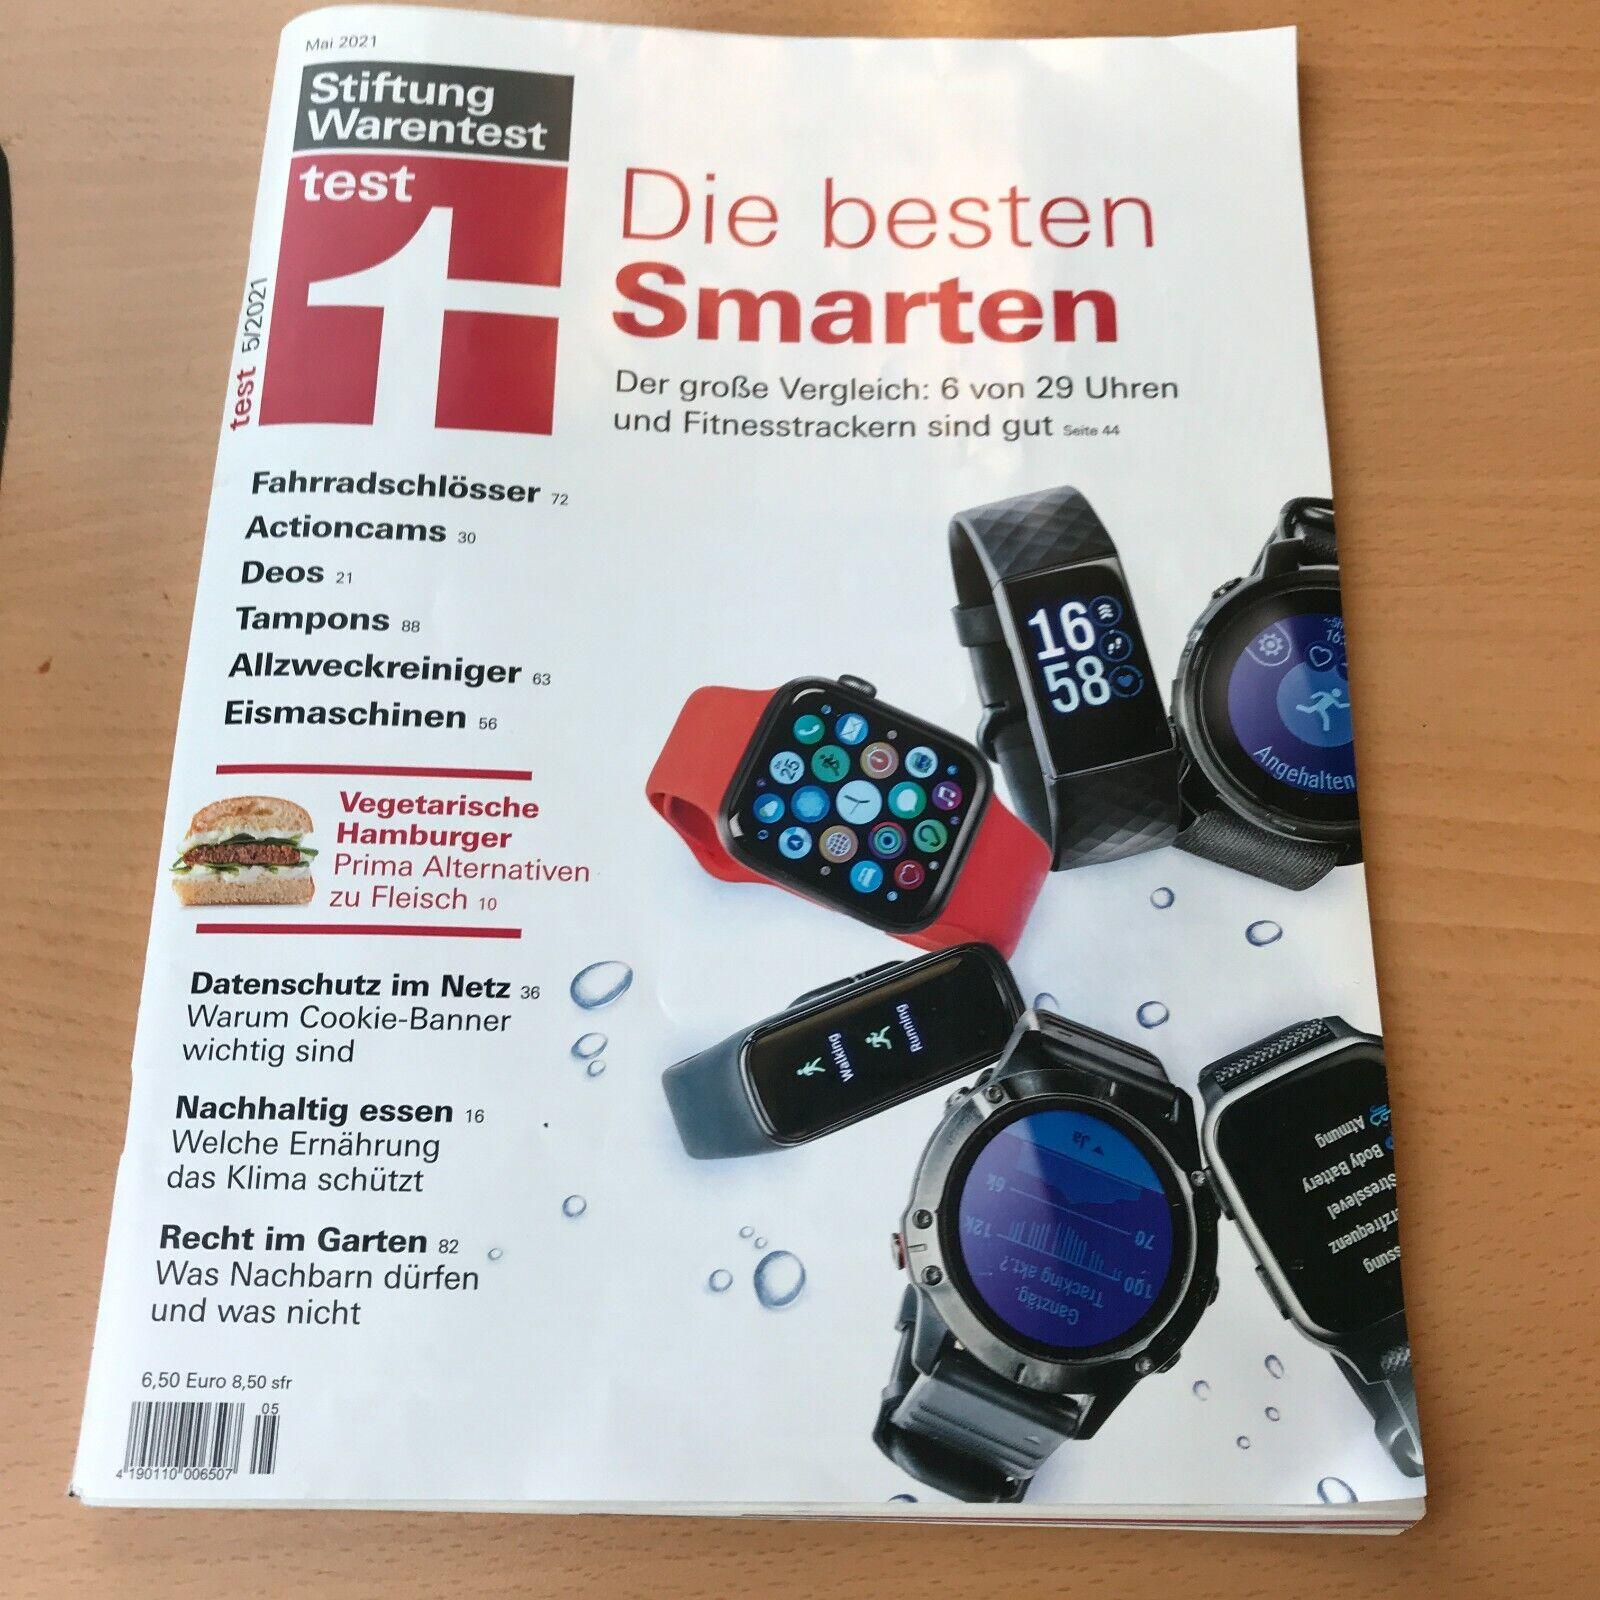 Stiftung Warentest Zeitschrift Test Ausgabe Mai 2021 5/2021 Fitnesstracker